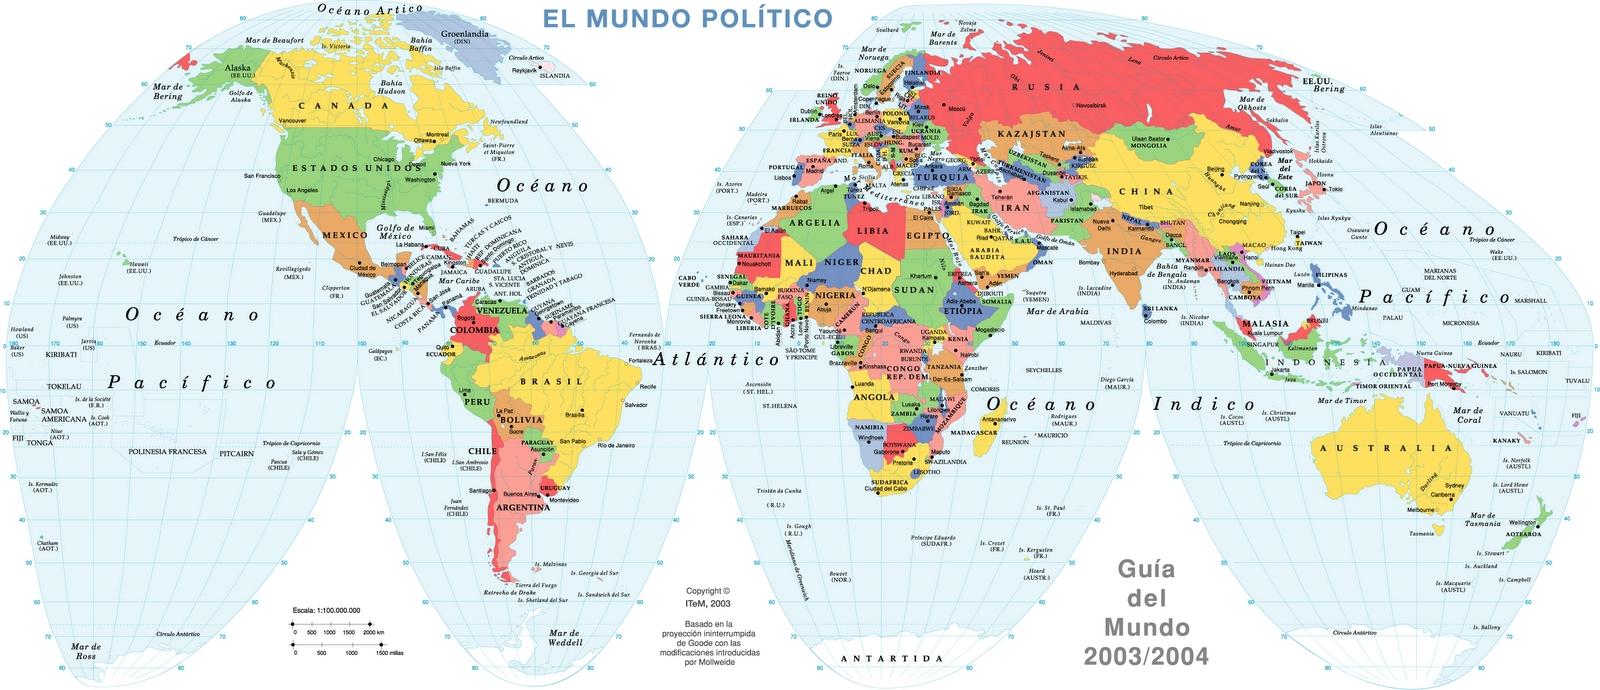 ... incluye división política y nombres también de océanos y mares